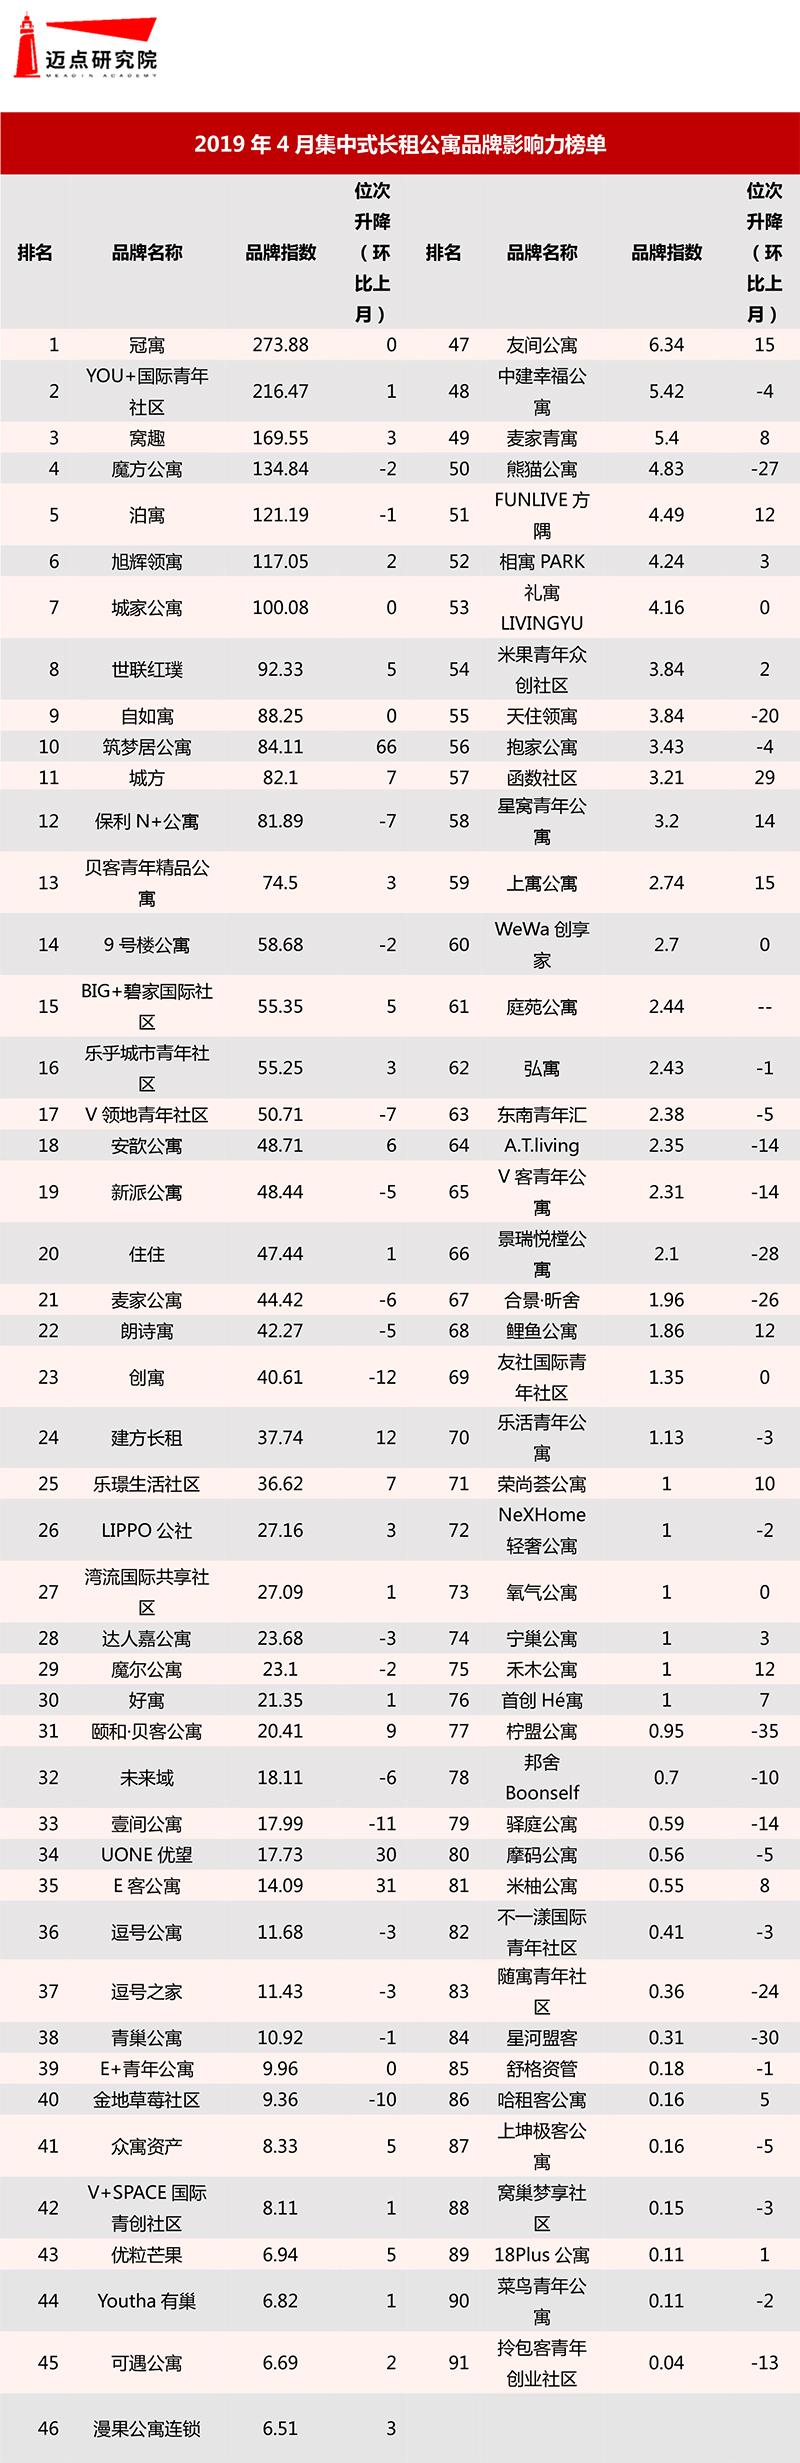 2019年4月集中式长租公寓品牌影响力榜单-1.jpg